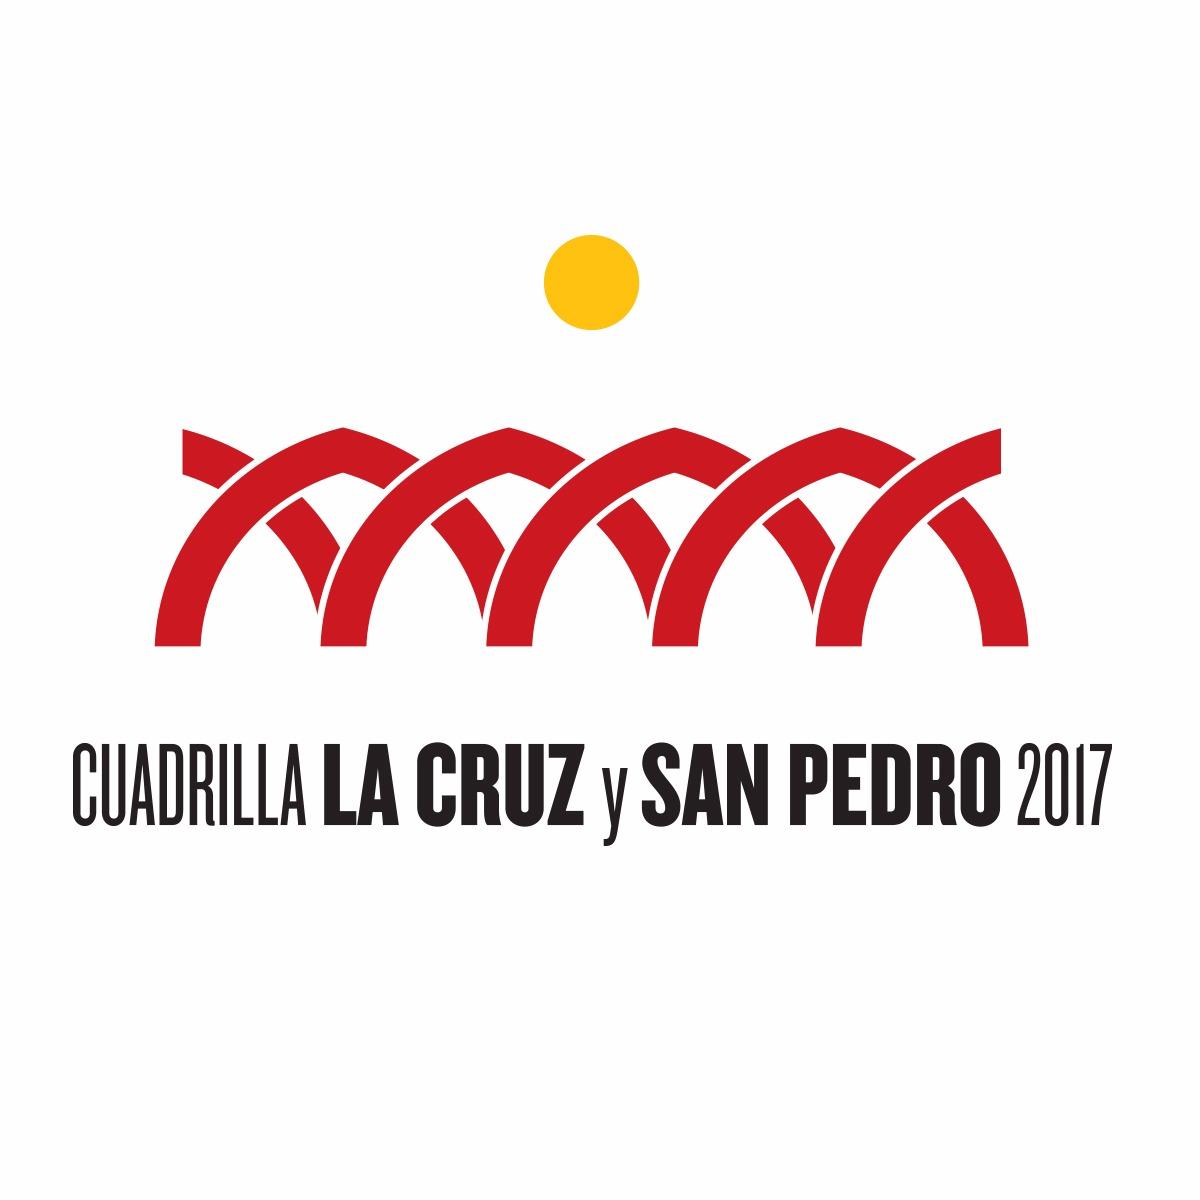 Logotipos de las cuadrillas de San Juan 2017   Imagen 1